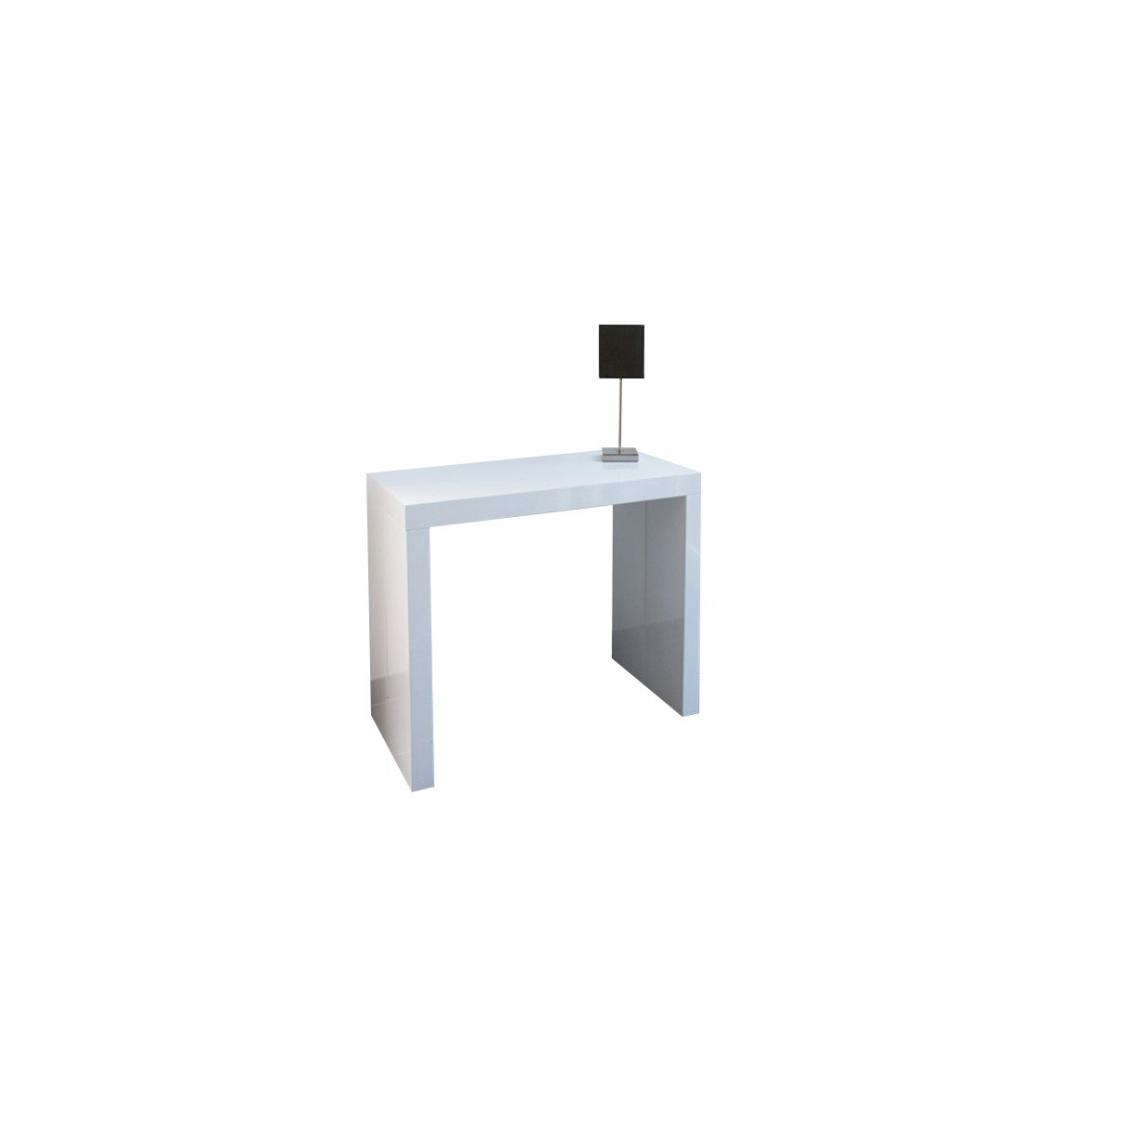 Objet Deco Laque Blanc console extensible 225cm blanc laque maximw 2 avis plus de détails